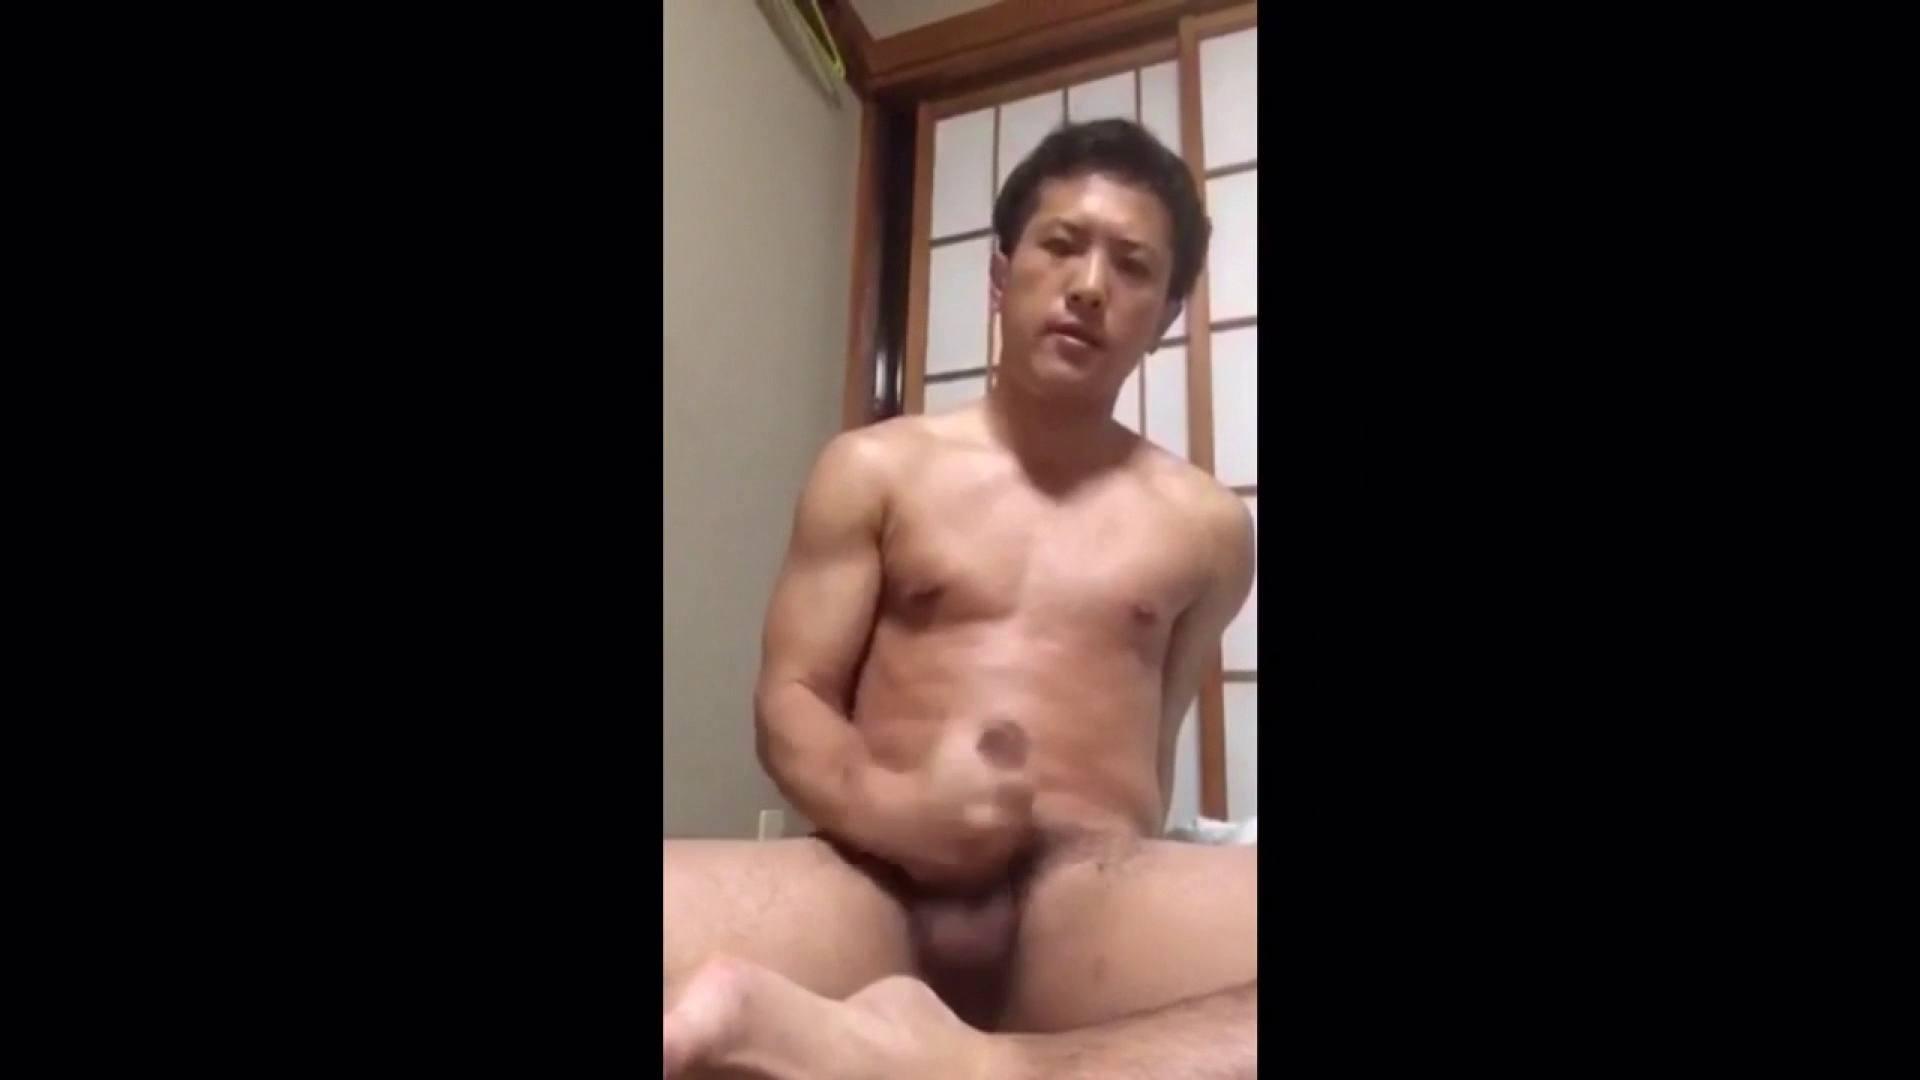 個人撮影 自慰の極意 Vol.25 ゲイのオナニー映像   イケメンたち  75枚 56